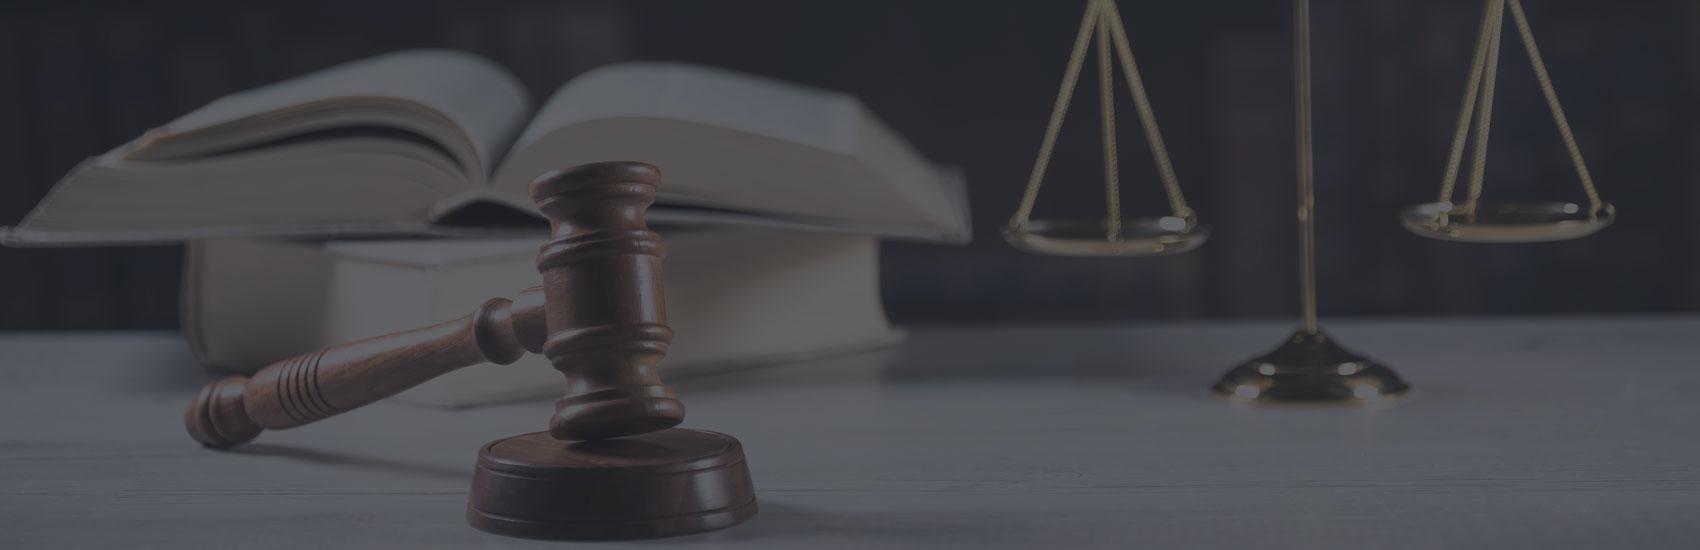 La famille d'un homme décédé dans un accident s'adresse au chauffard devant le juge